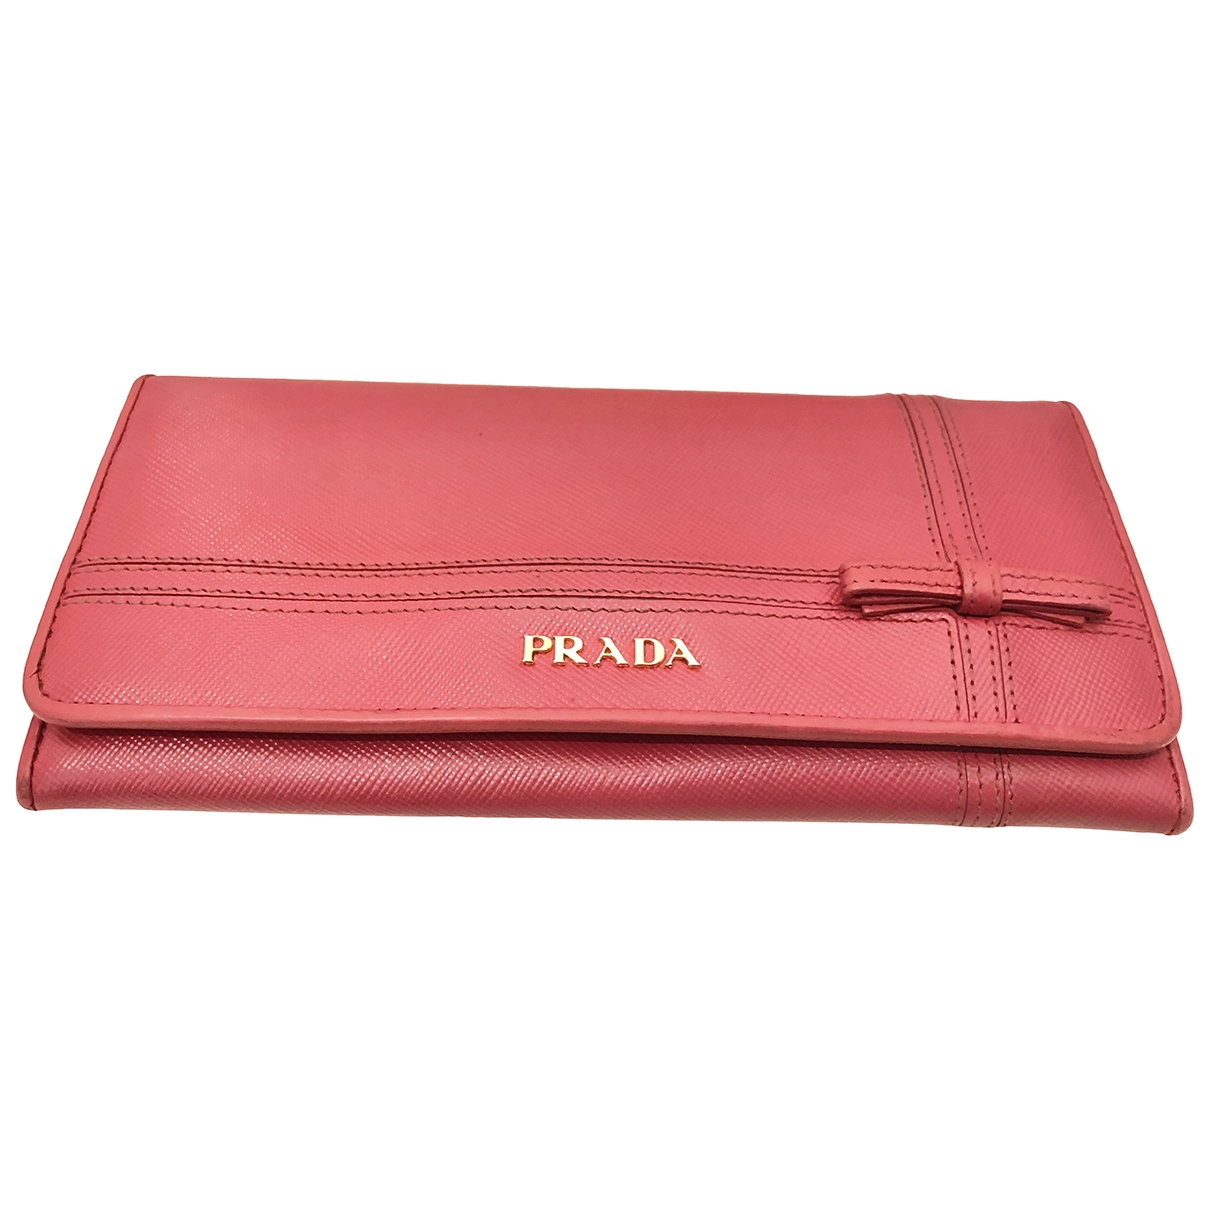 Prada \N Pink Leather wallet for Women \N